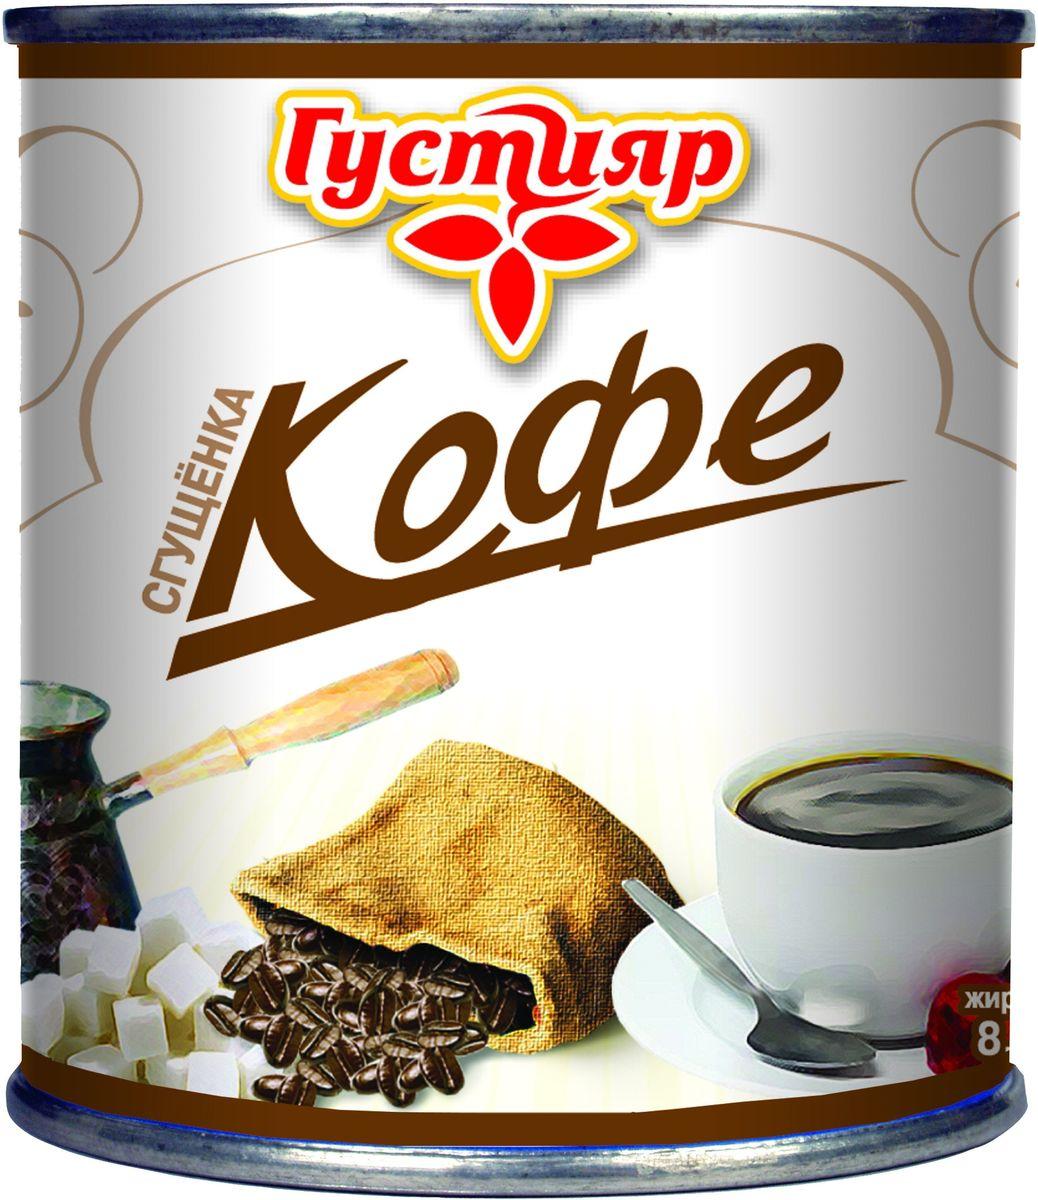 Союзконсервмолоко Густияр молоко сгущенное с кофе, 380 г